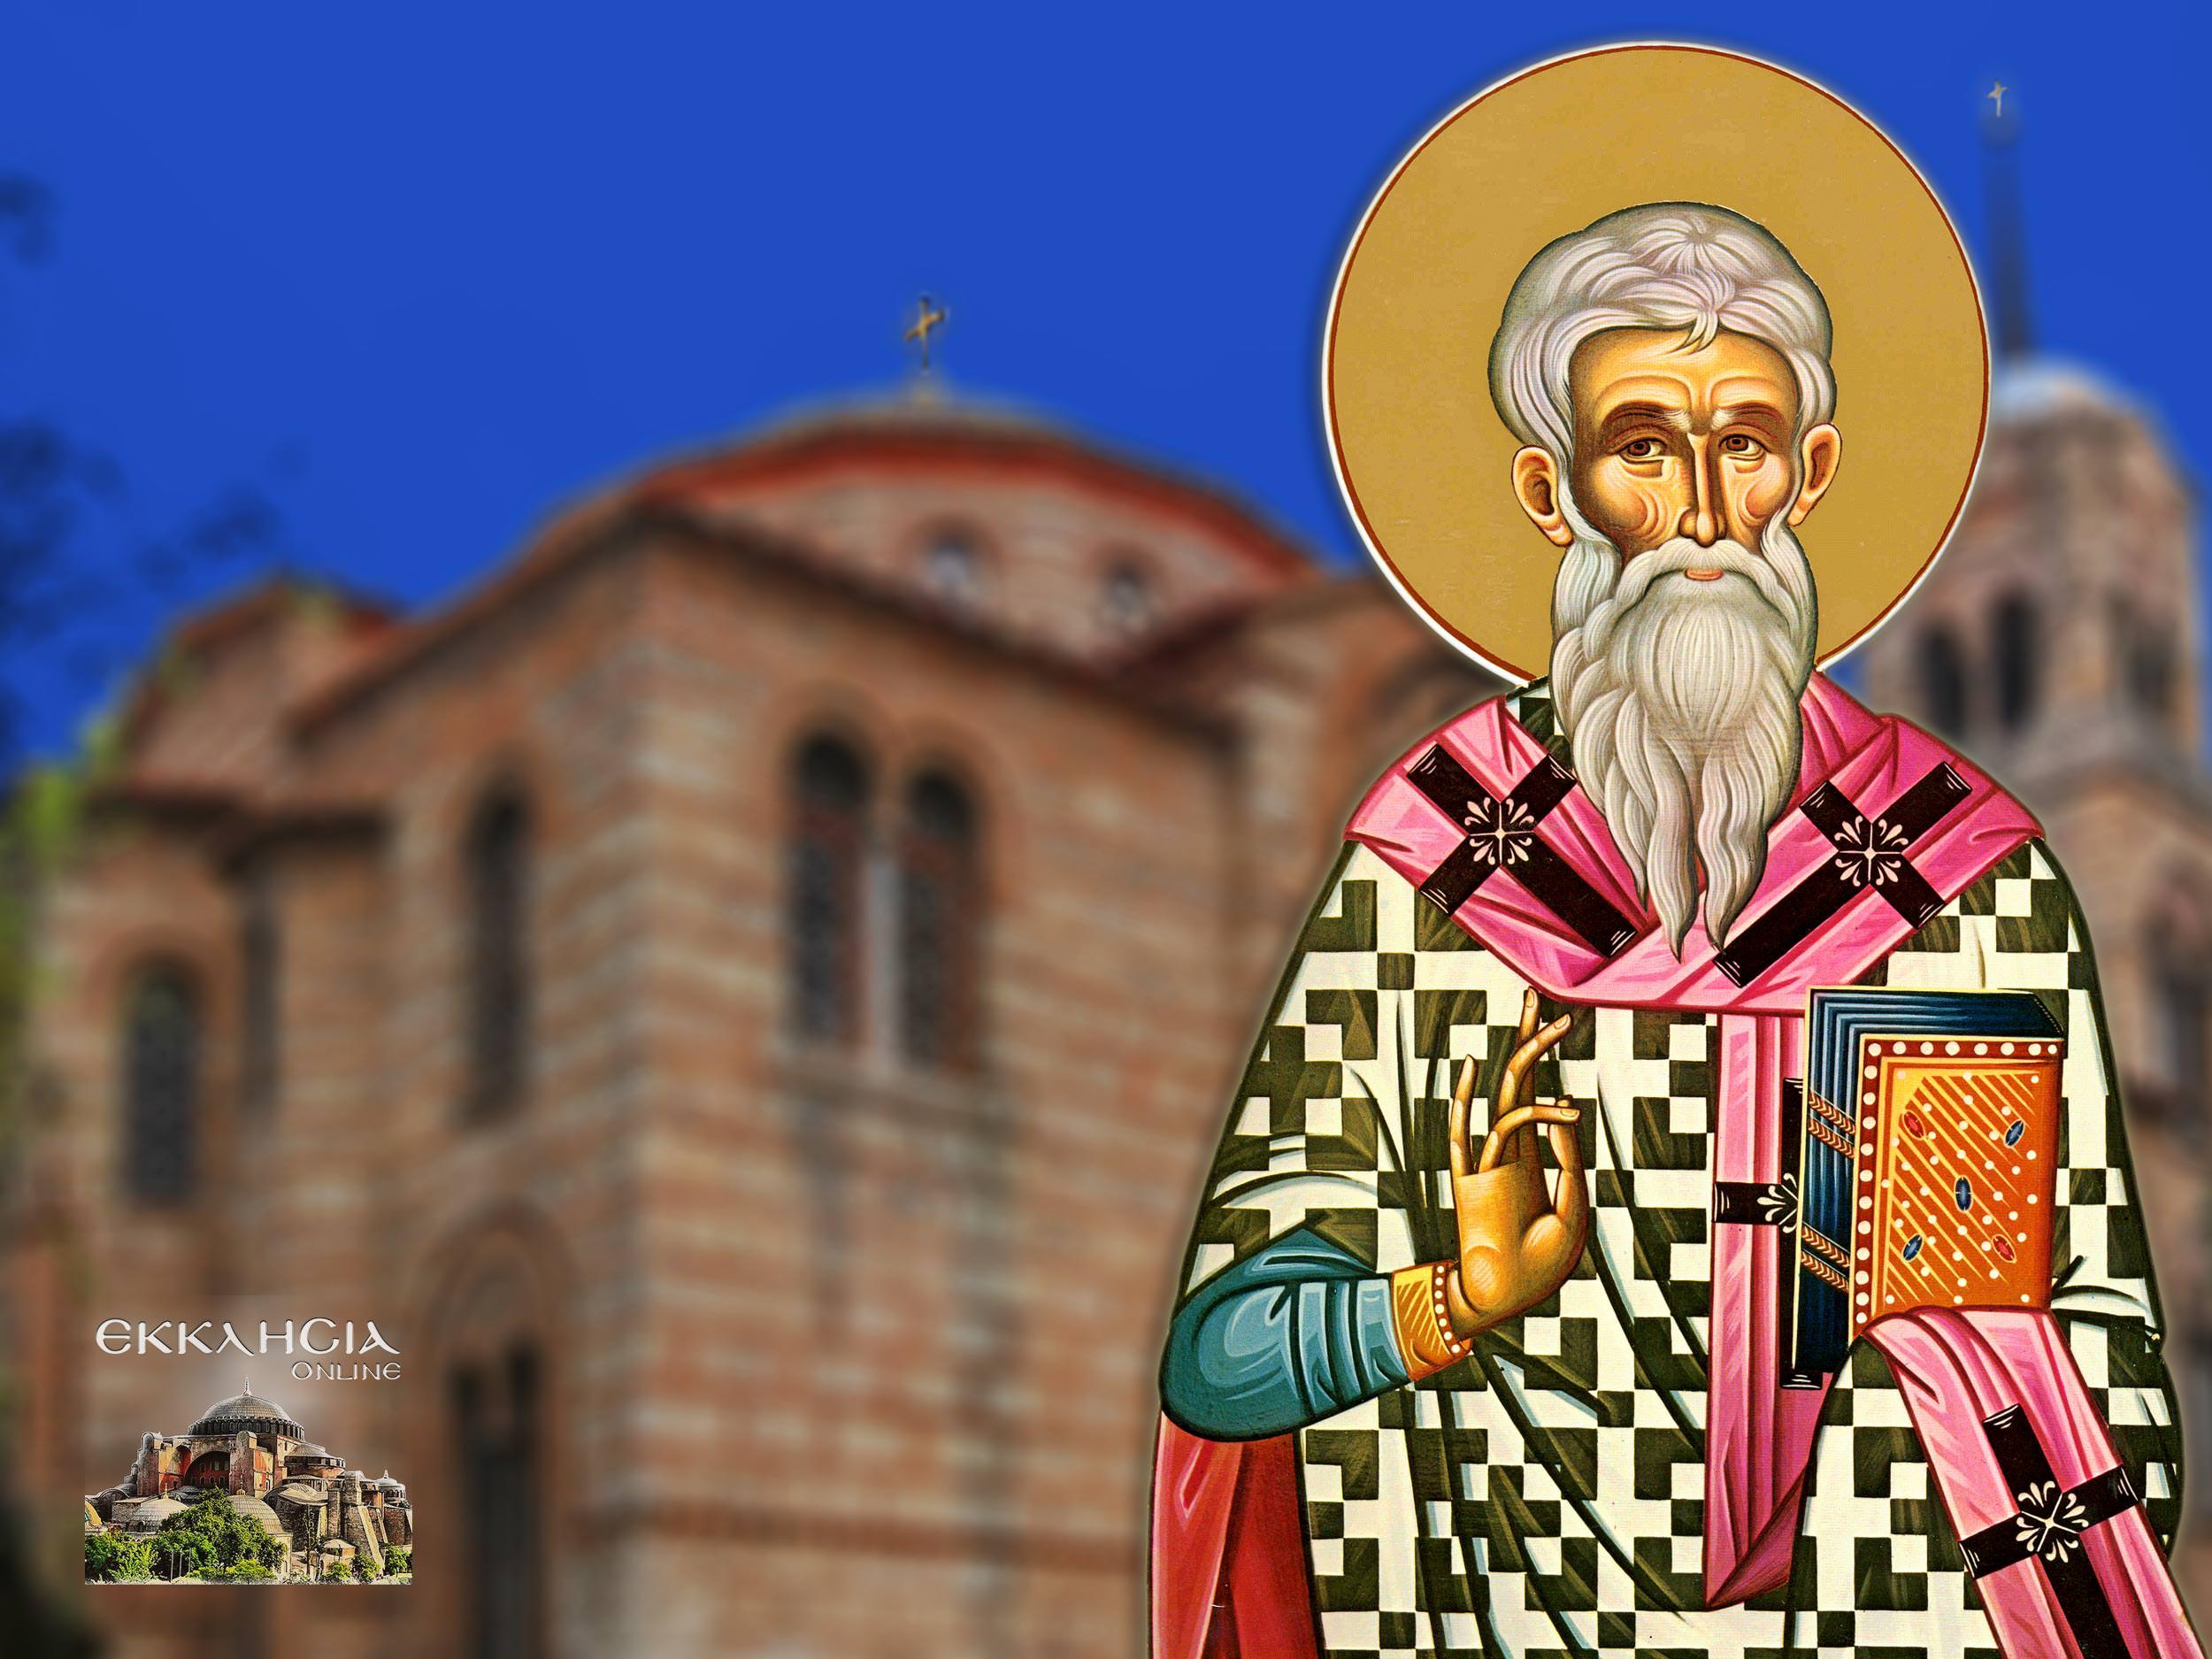 Άγιος Διονύσιος ο Αρεοπαγίτης 3 Οκτωβρίου